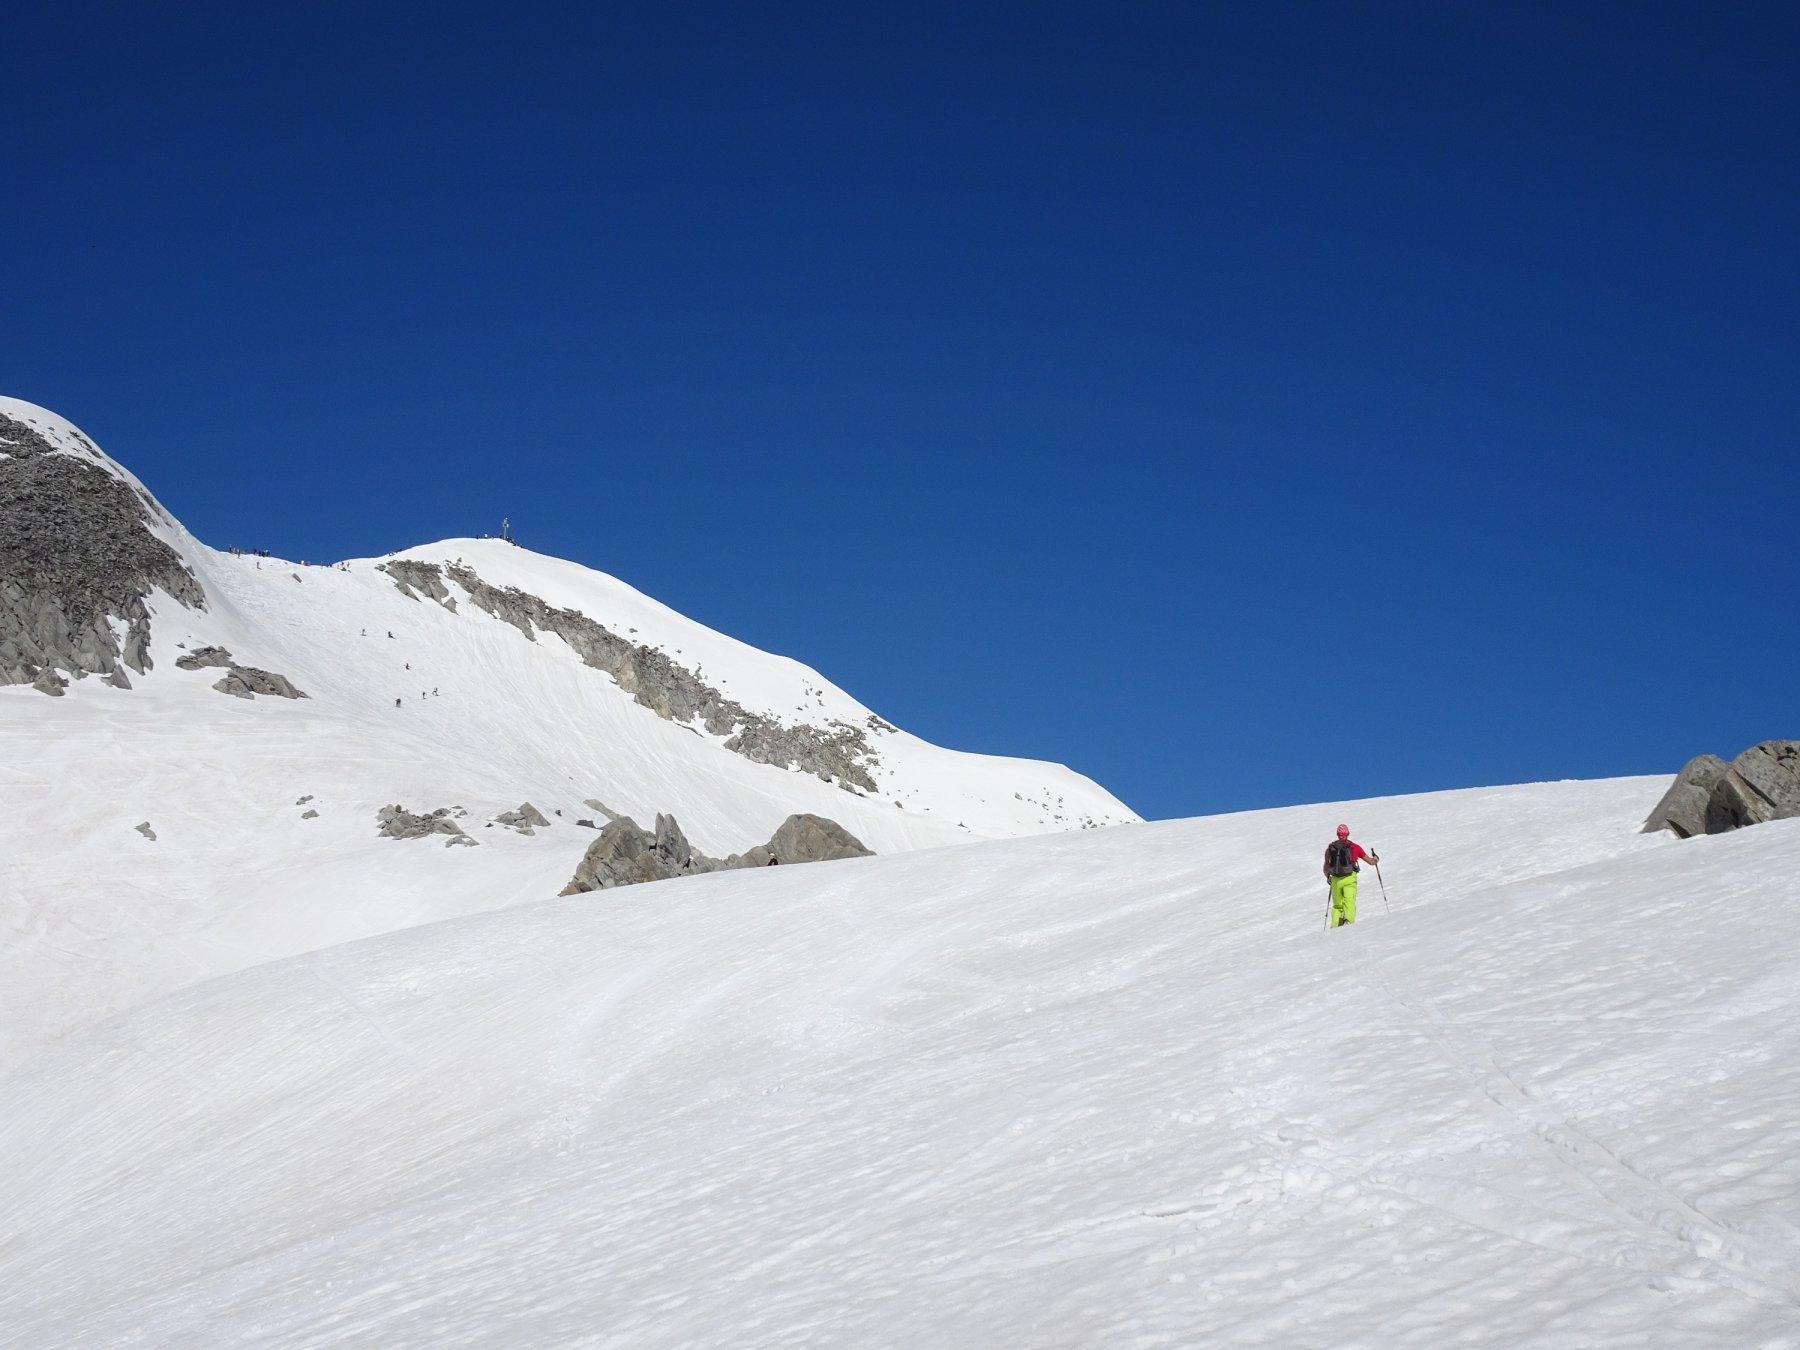 la in fondo la vetta ultimi 50 m su ampia cresta nevosa